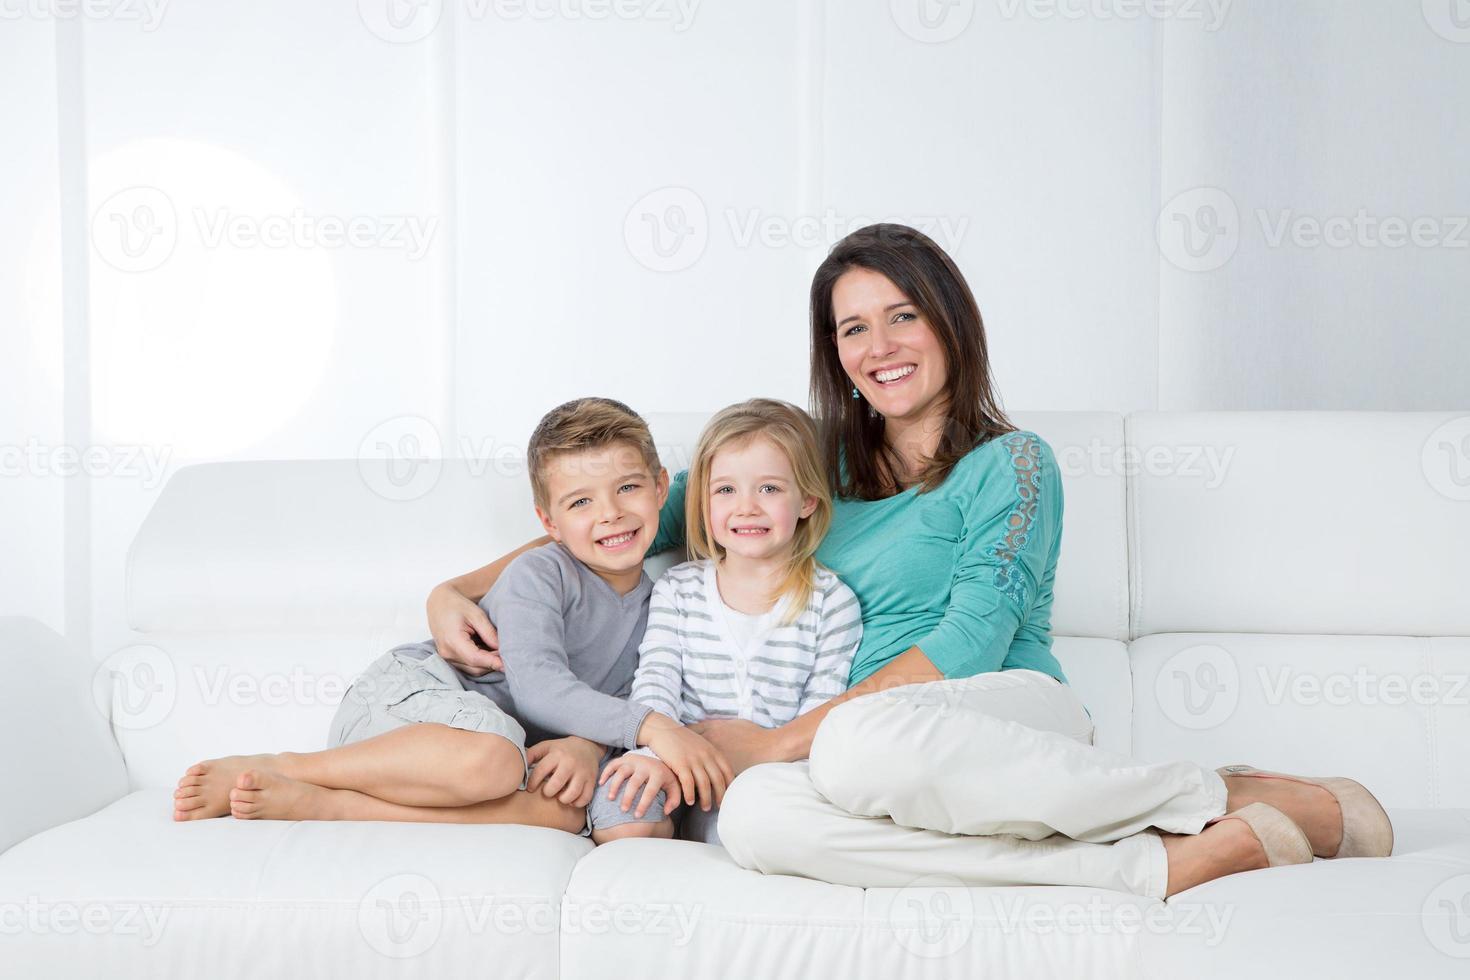 Porträt der Familie auf weißem Hintergrund foto